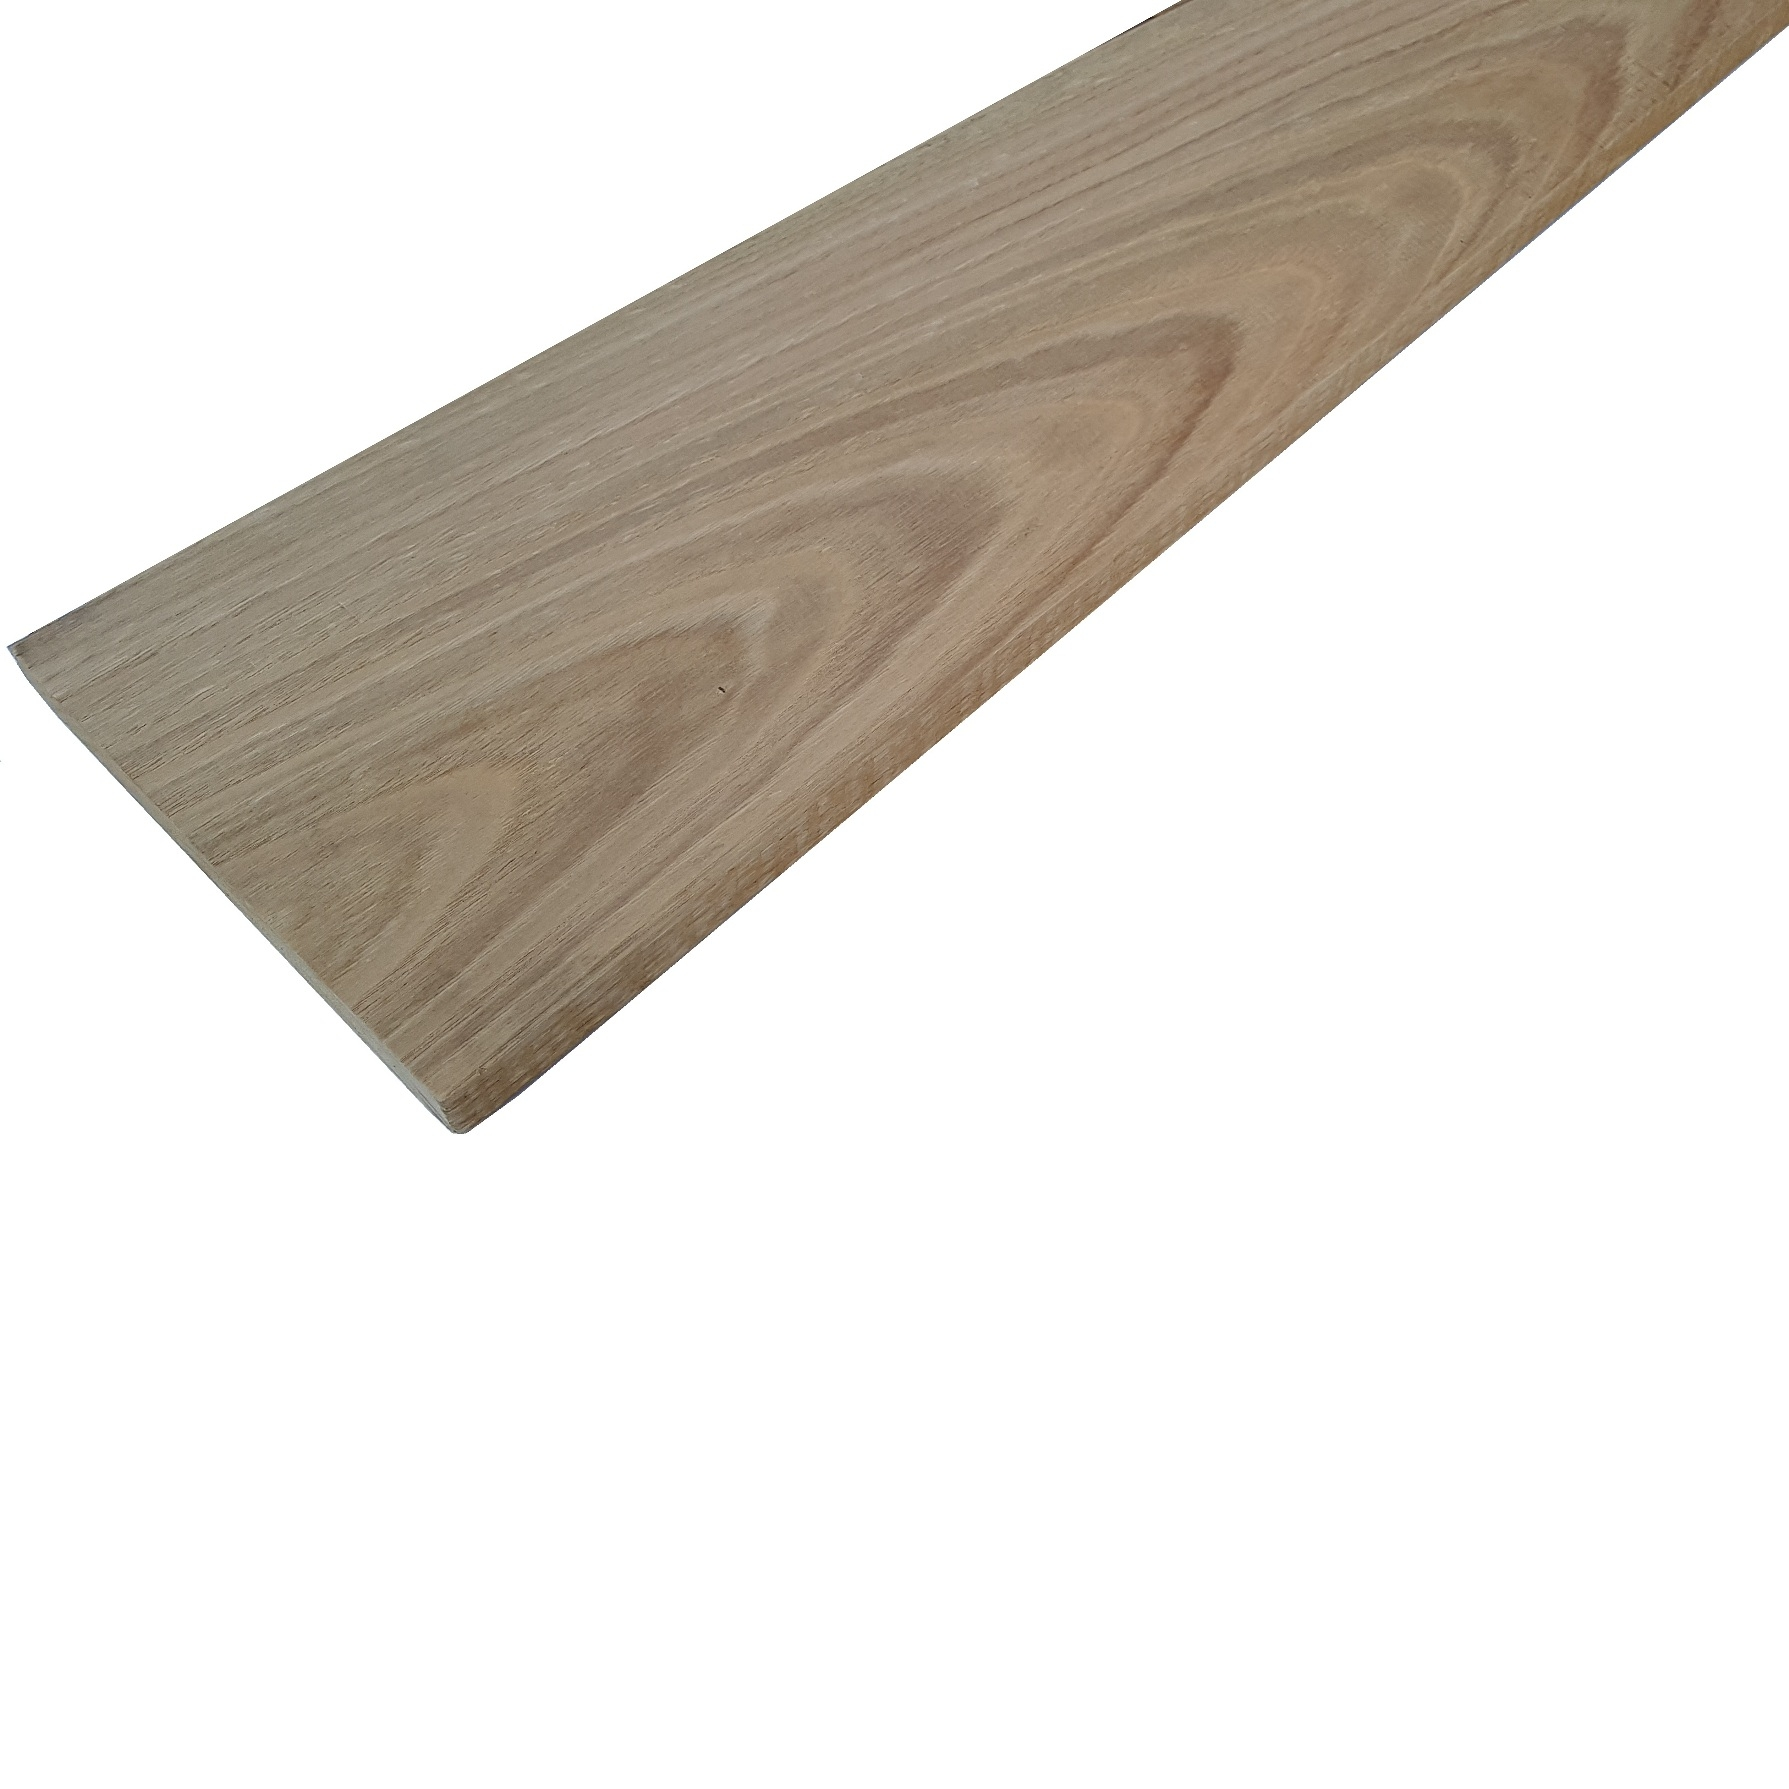 Tavole e listelli di castagno piallate tavola legno castagno piallato 2 2 x 12 x 120 cm - Tavole legno massello piallate ...